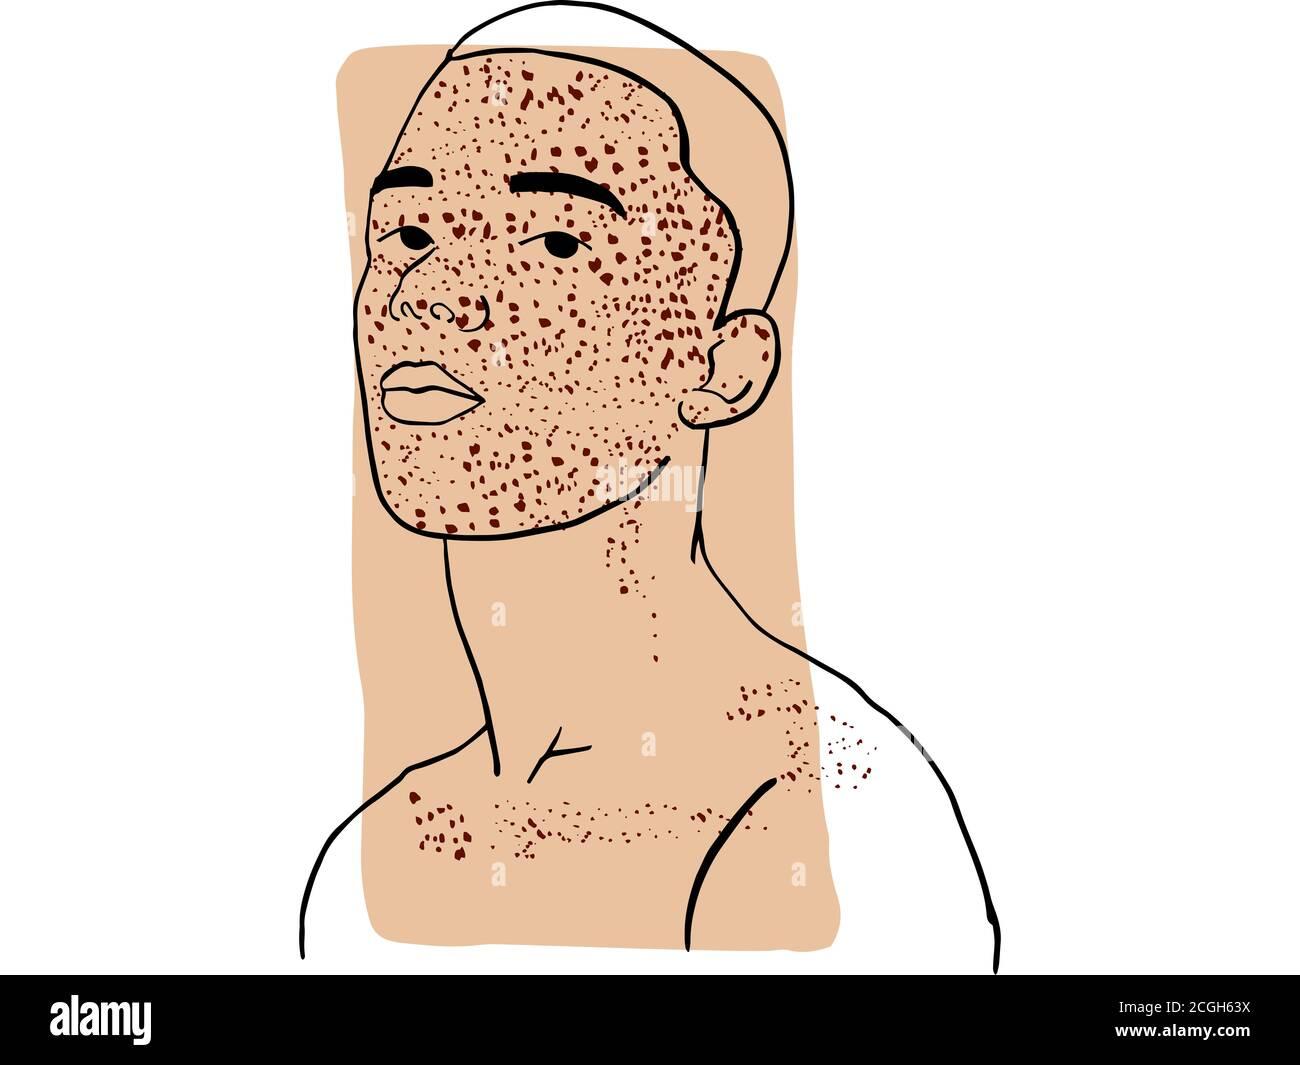 Dibujo a mano retrato de un joven con su cara cubierta por pecas y color beige oscuro muestra. Colección abstracta de diferentes personas y piel Foto de stock